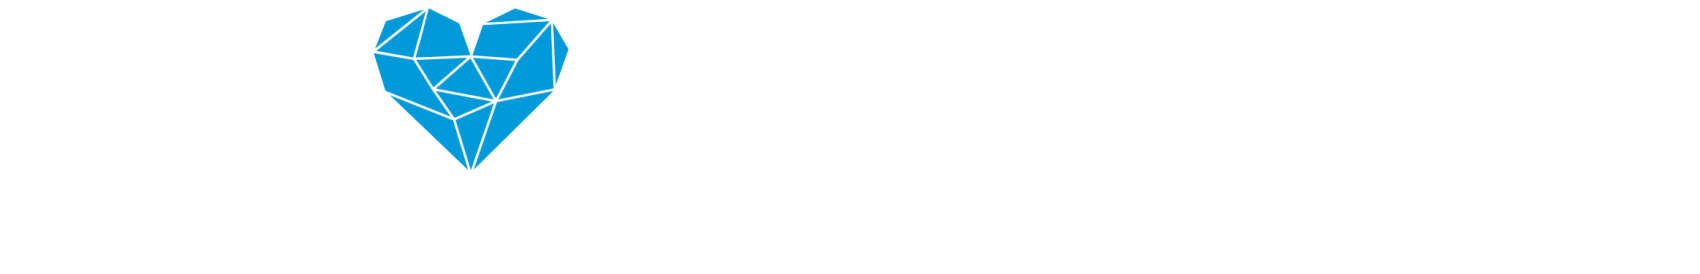 AmordMadre: Cocina casera de hoy